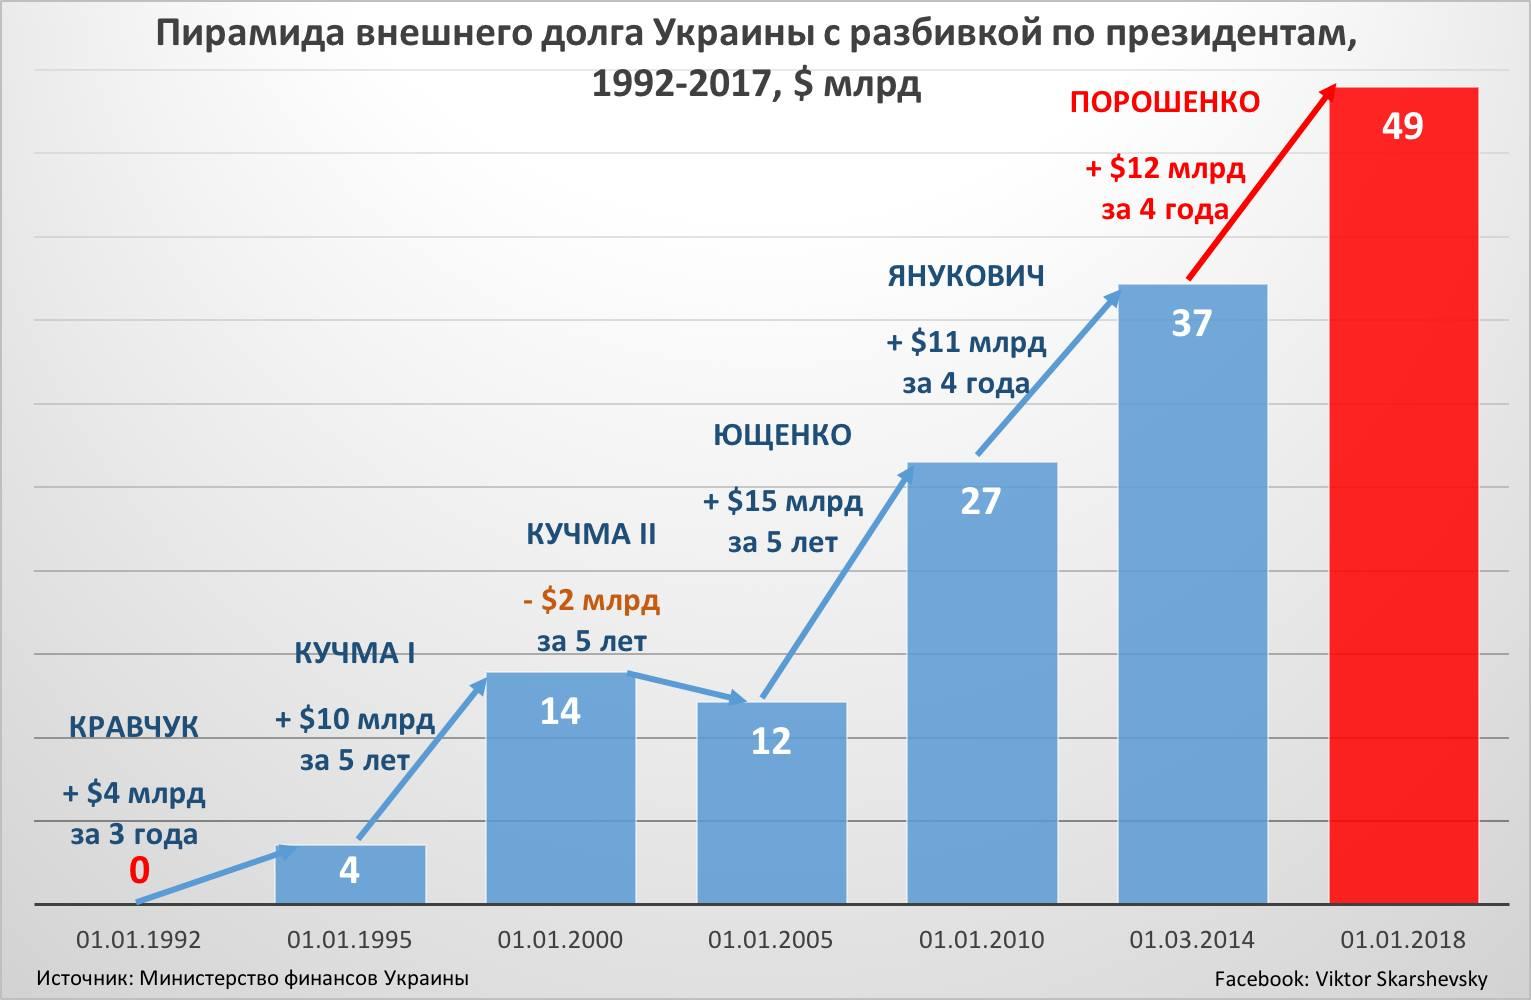 на казино сайтах пирамида украинских